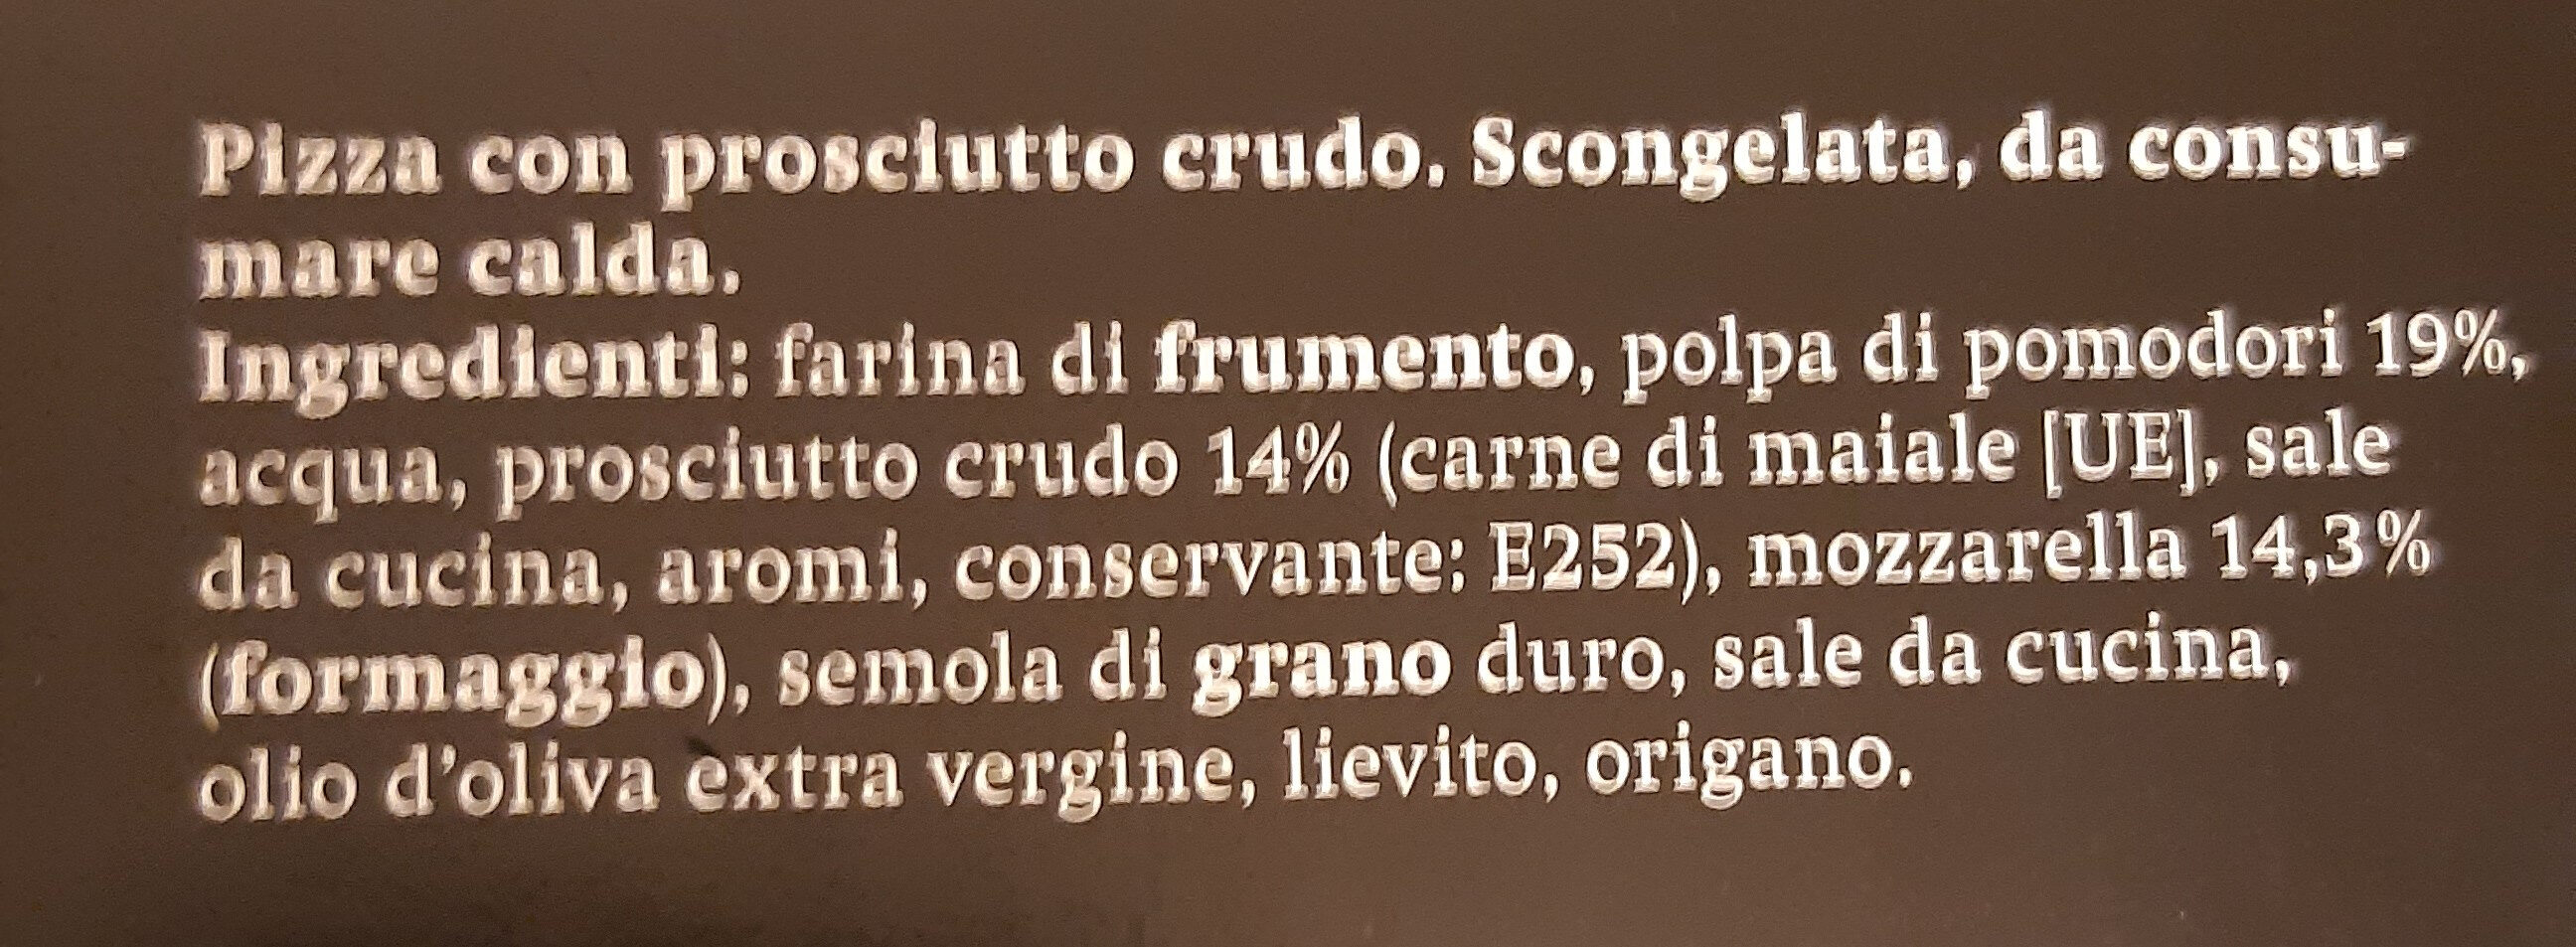 La Pizza Prosciutto Crudo - Ingredienti - it